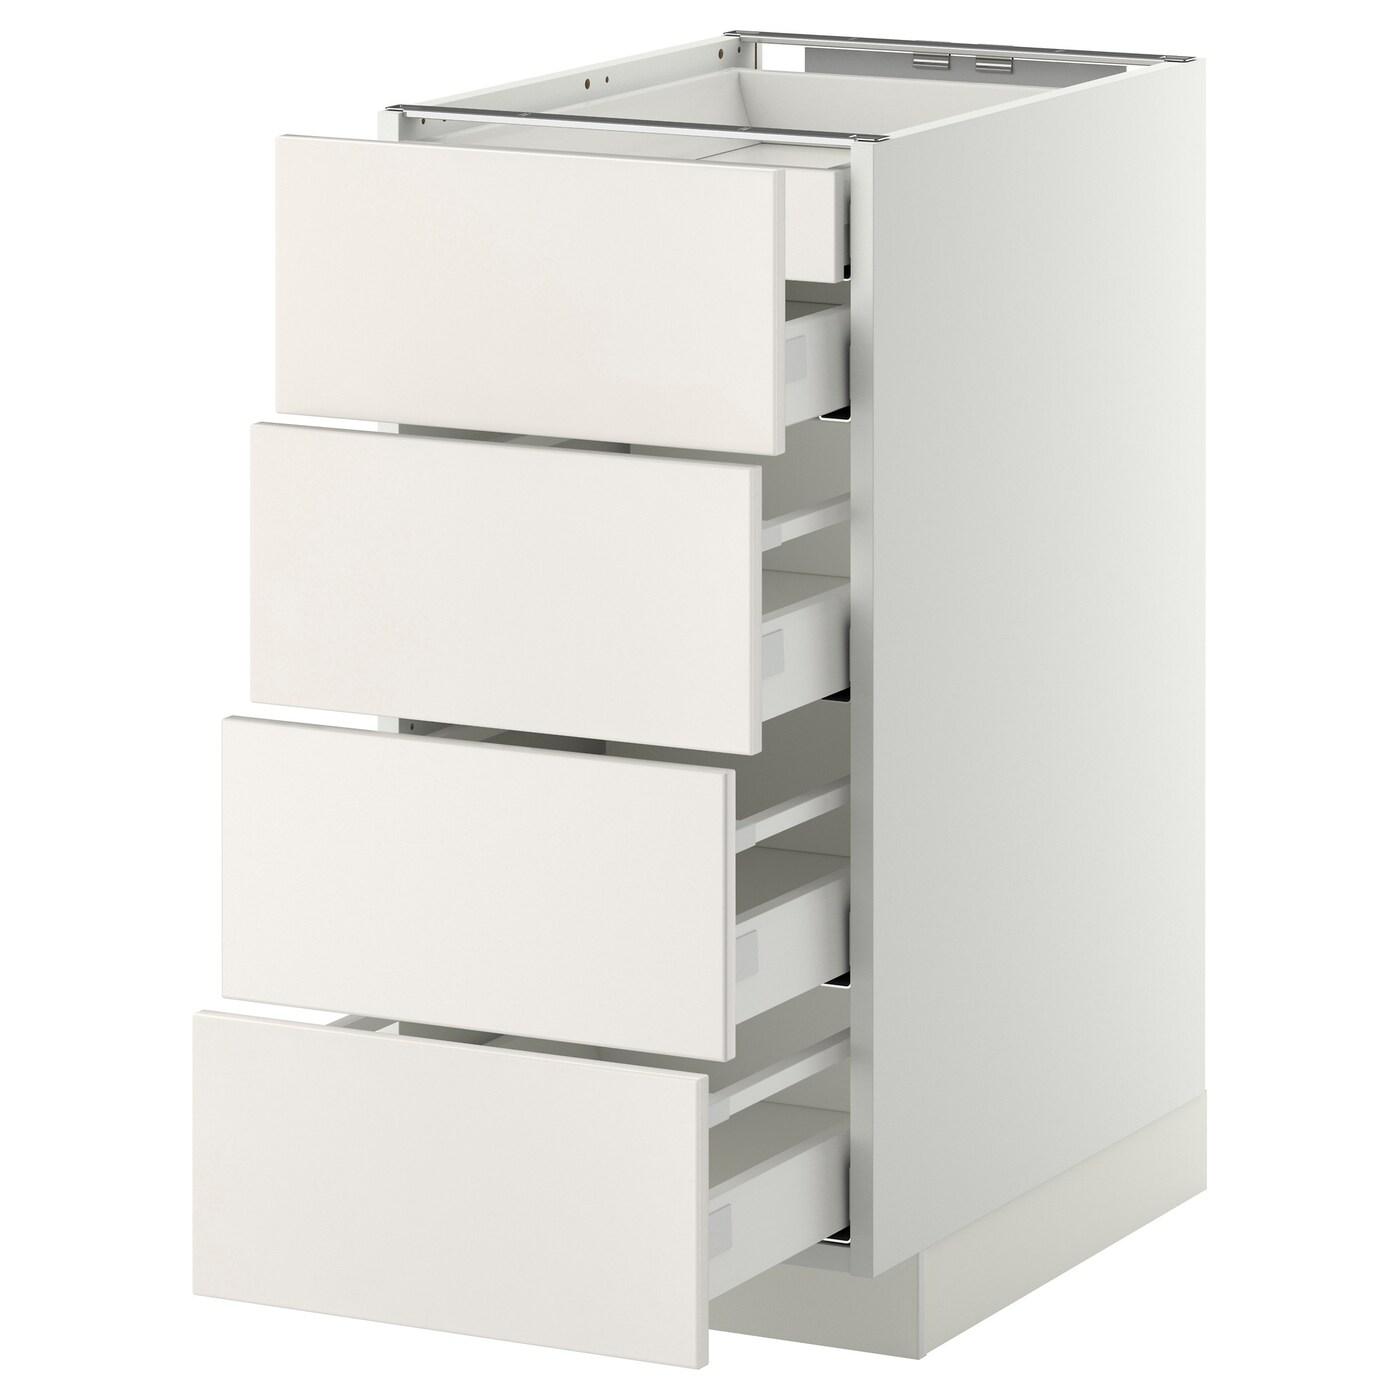 armarios de cocina bajos ikea con patas